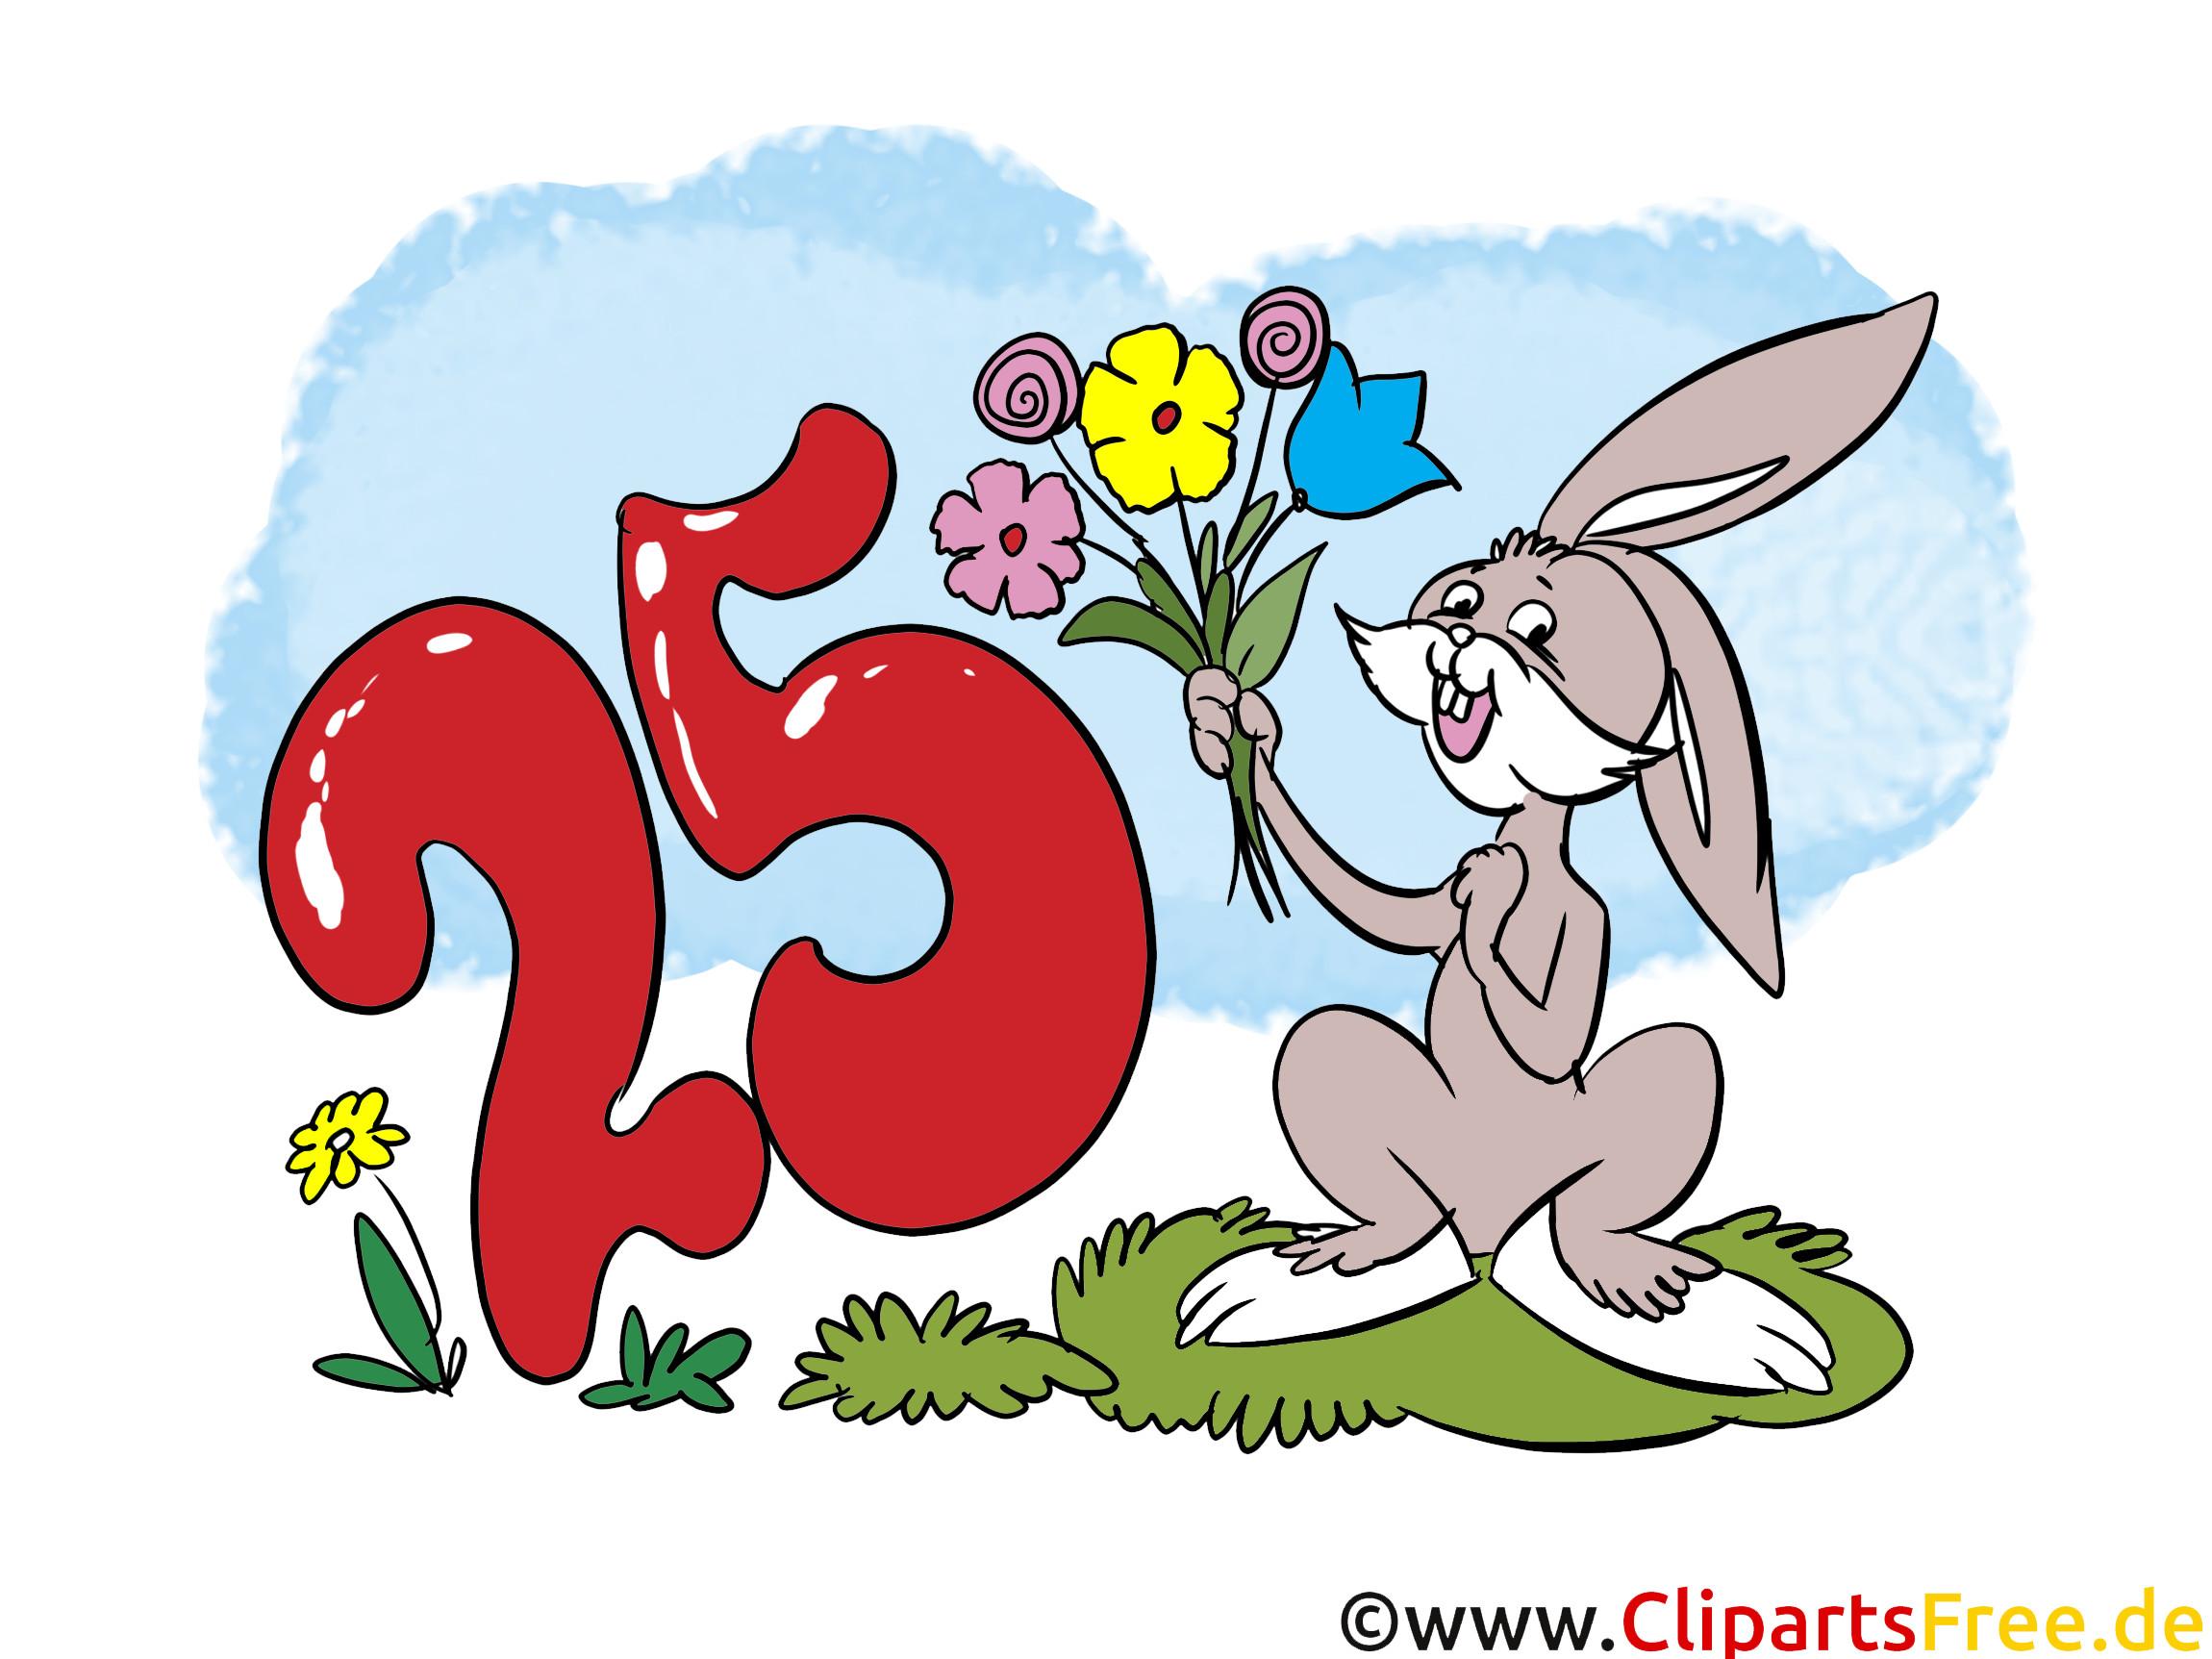 Kostenlose Geburtstagswünsche  Lustige Geburtstagswünsche zum 25 Geburtstag eCard Bild